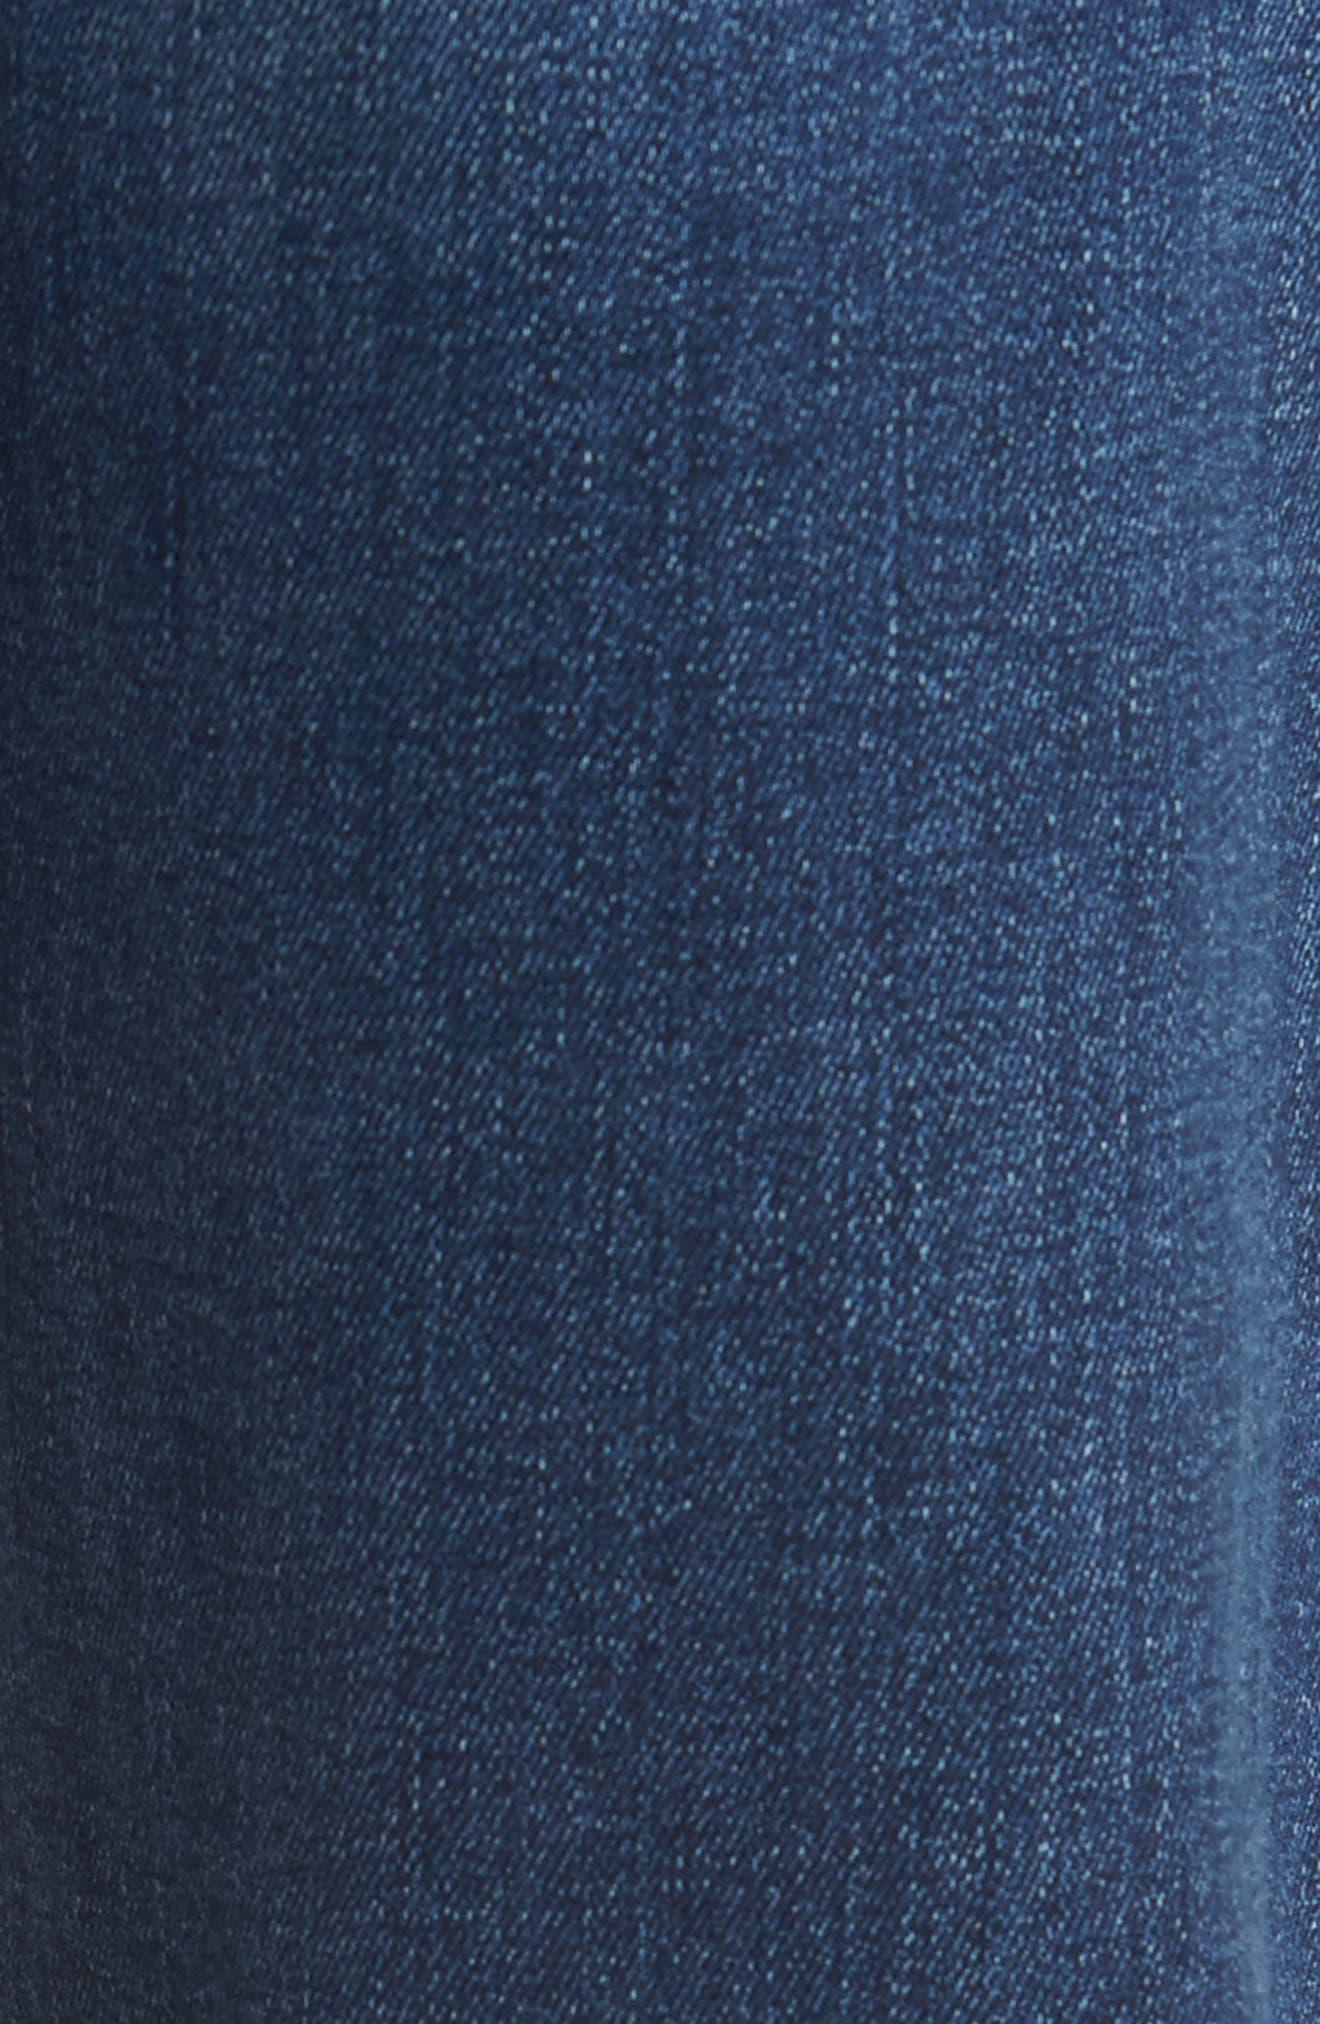 Slimmy Slim Fit Jeans,                             Alternate thumbnail 5, color,                             Union